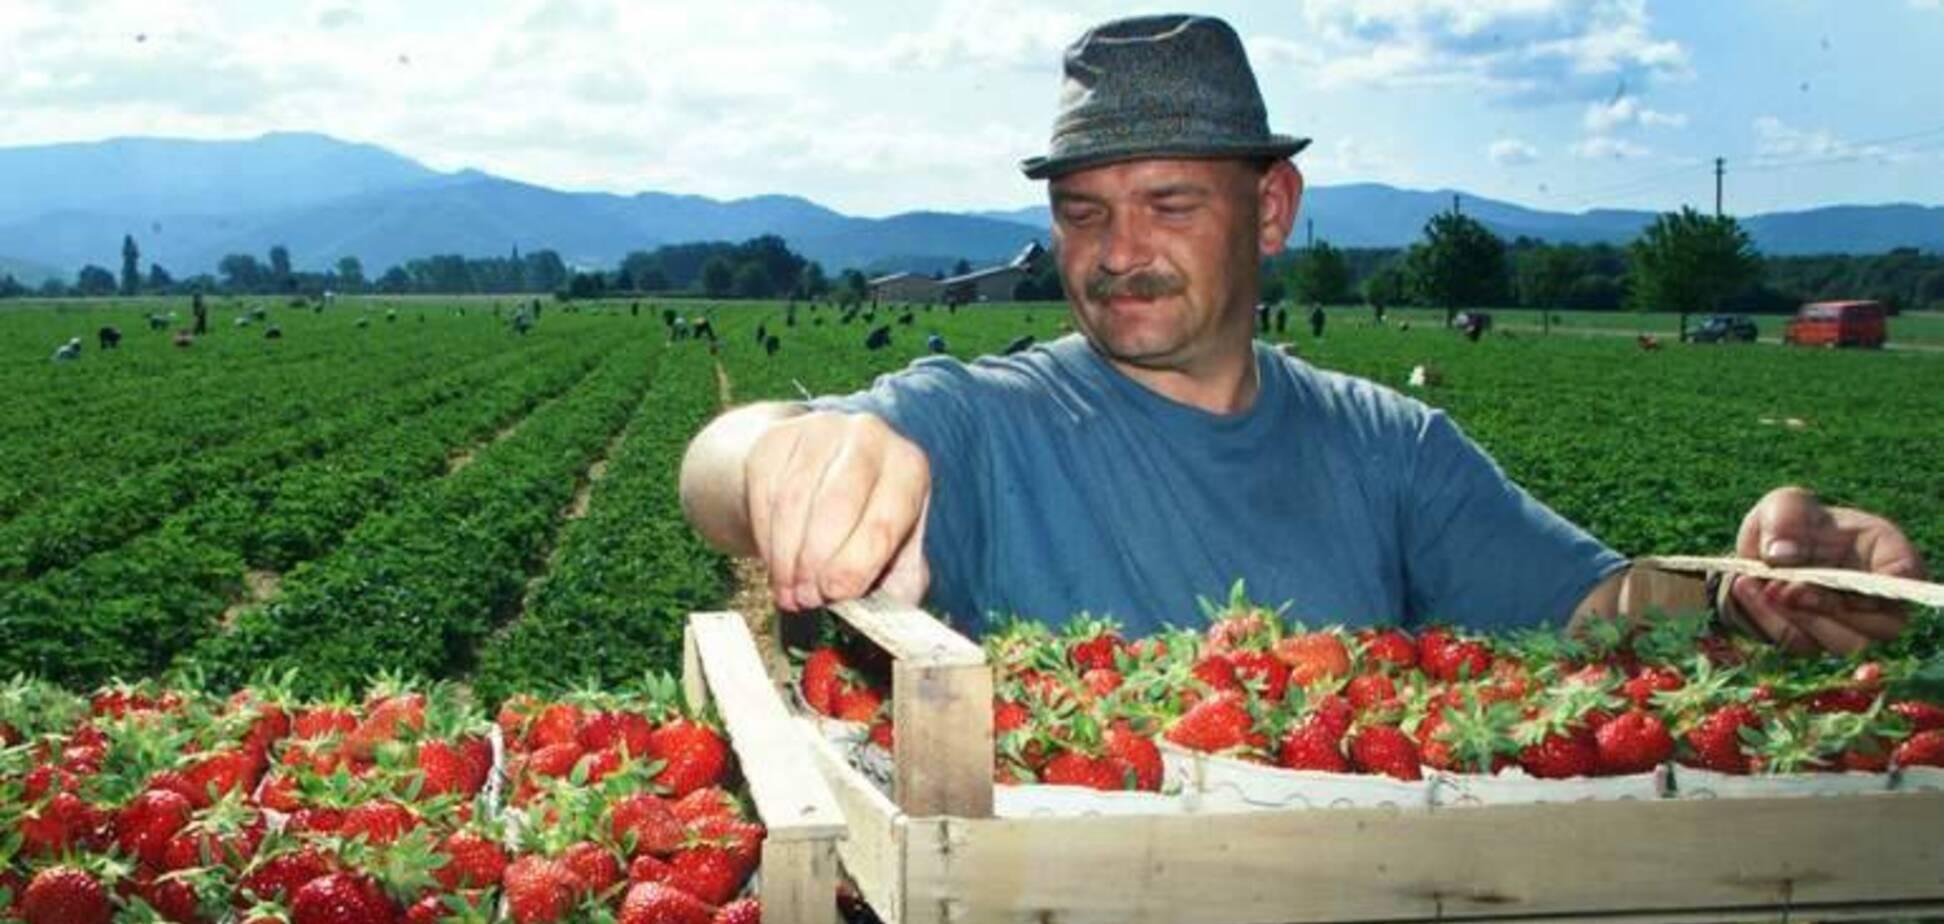 Хочуть виїхати далі: в Україні виникла нова проблема через заробітчан